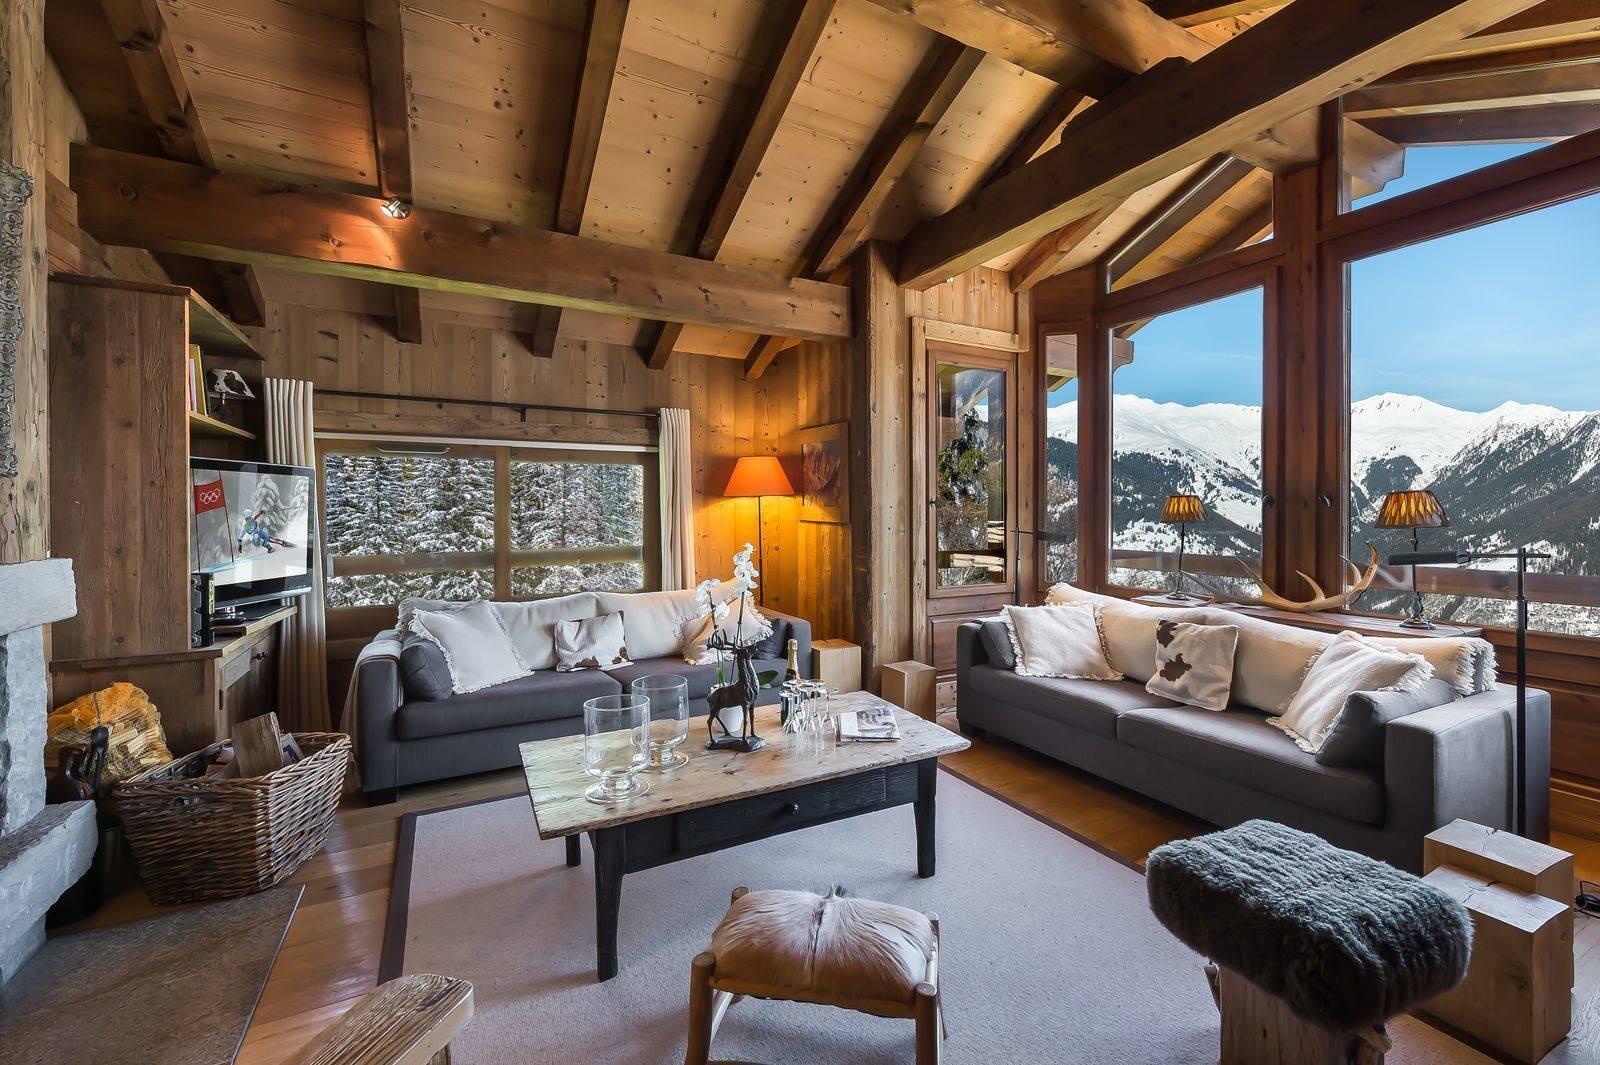 Courchevel 1550 Luxury Rental Chalet Niuréole Living Room 3